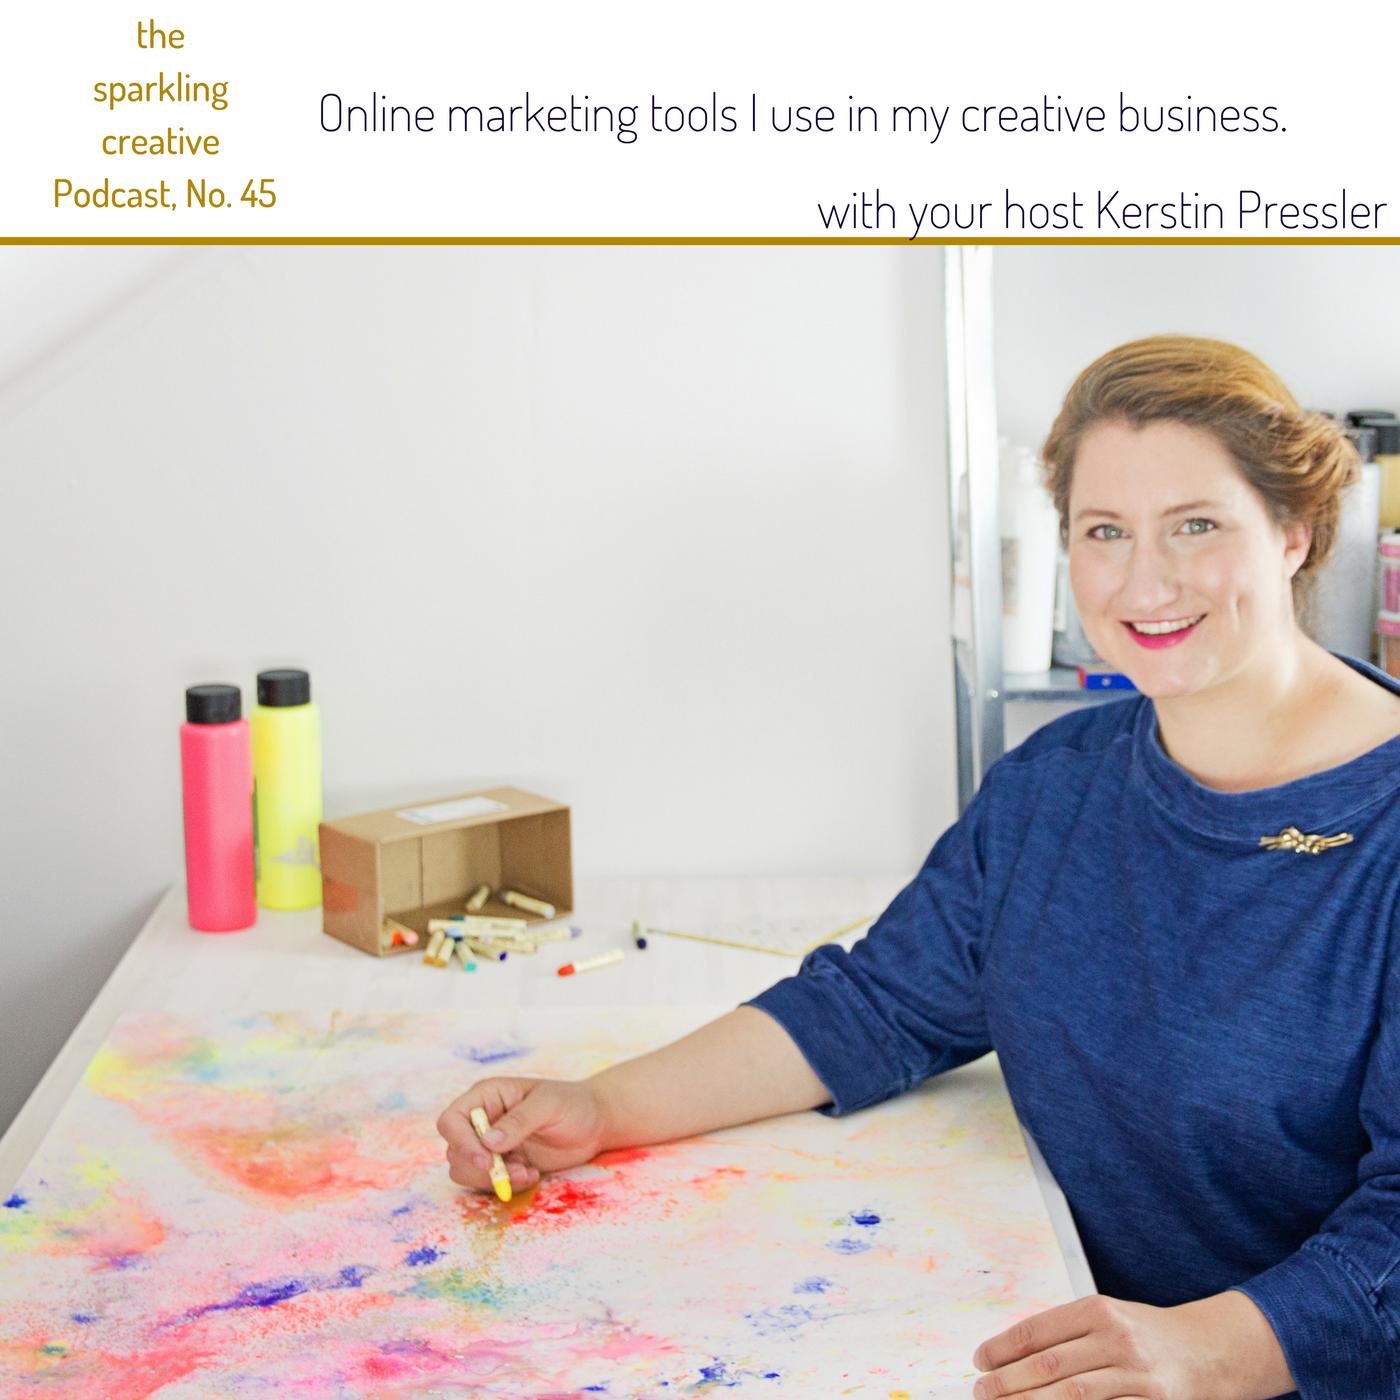 the sparkling creative Podcast, Episode 45: online marketing tools I use in my creative business, Kerstin Pressler, www.kerstinpressler.com/blog-2/episode45